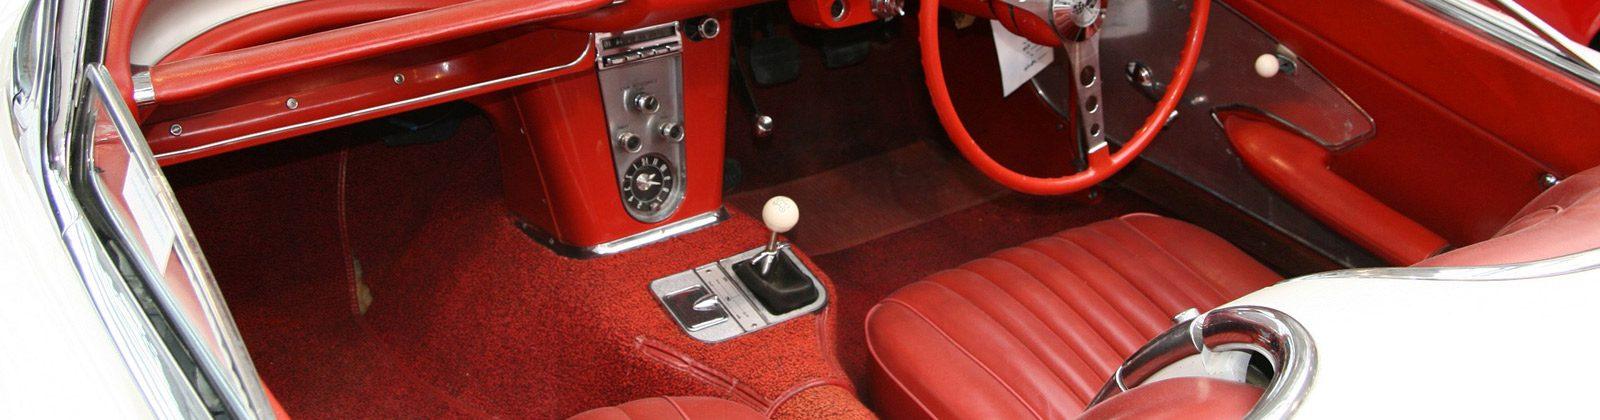 Auto Interior 66